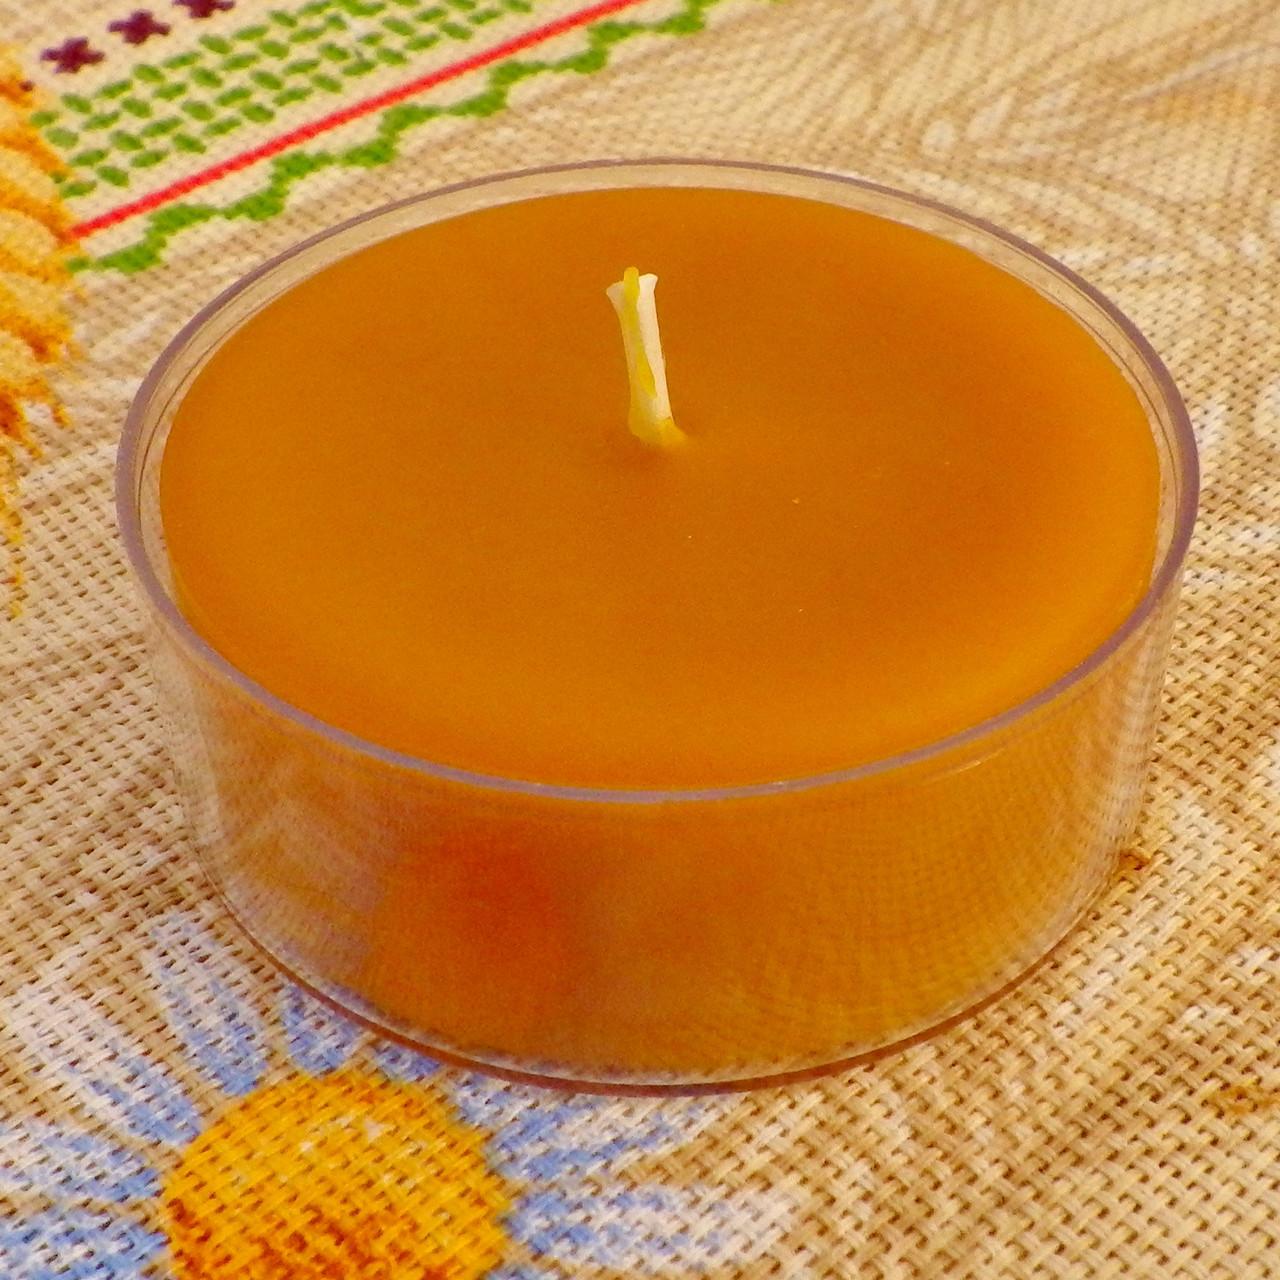 Кругла широка чайна воскова свічка 44г; Круглая широкая чайная восковая свеча для аромаламп и лампадок